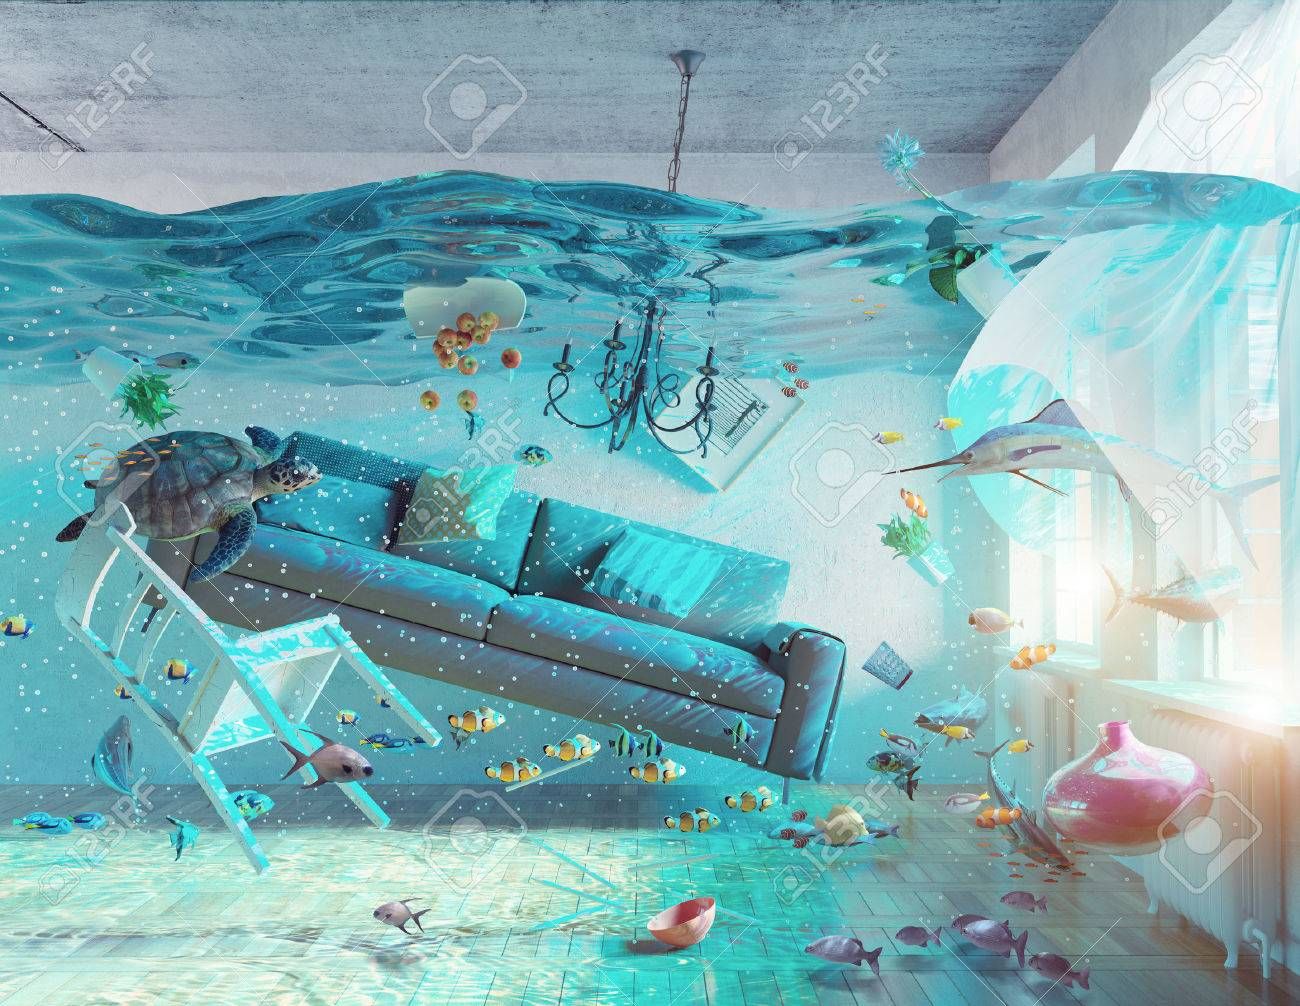 4acf4a07e8 Foto de archivo - Una visión bajo el agua en el interior inundaciones.  concepto 3d